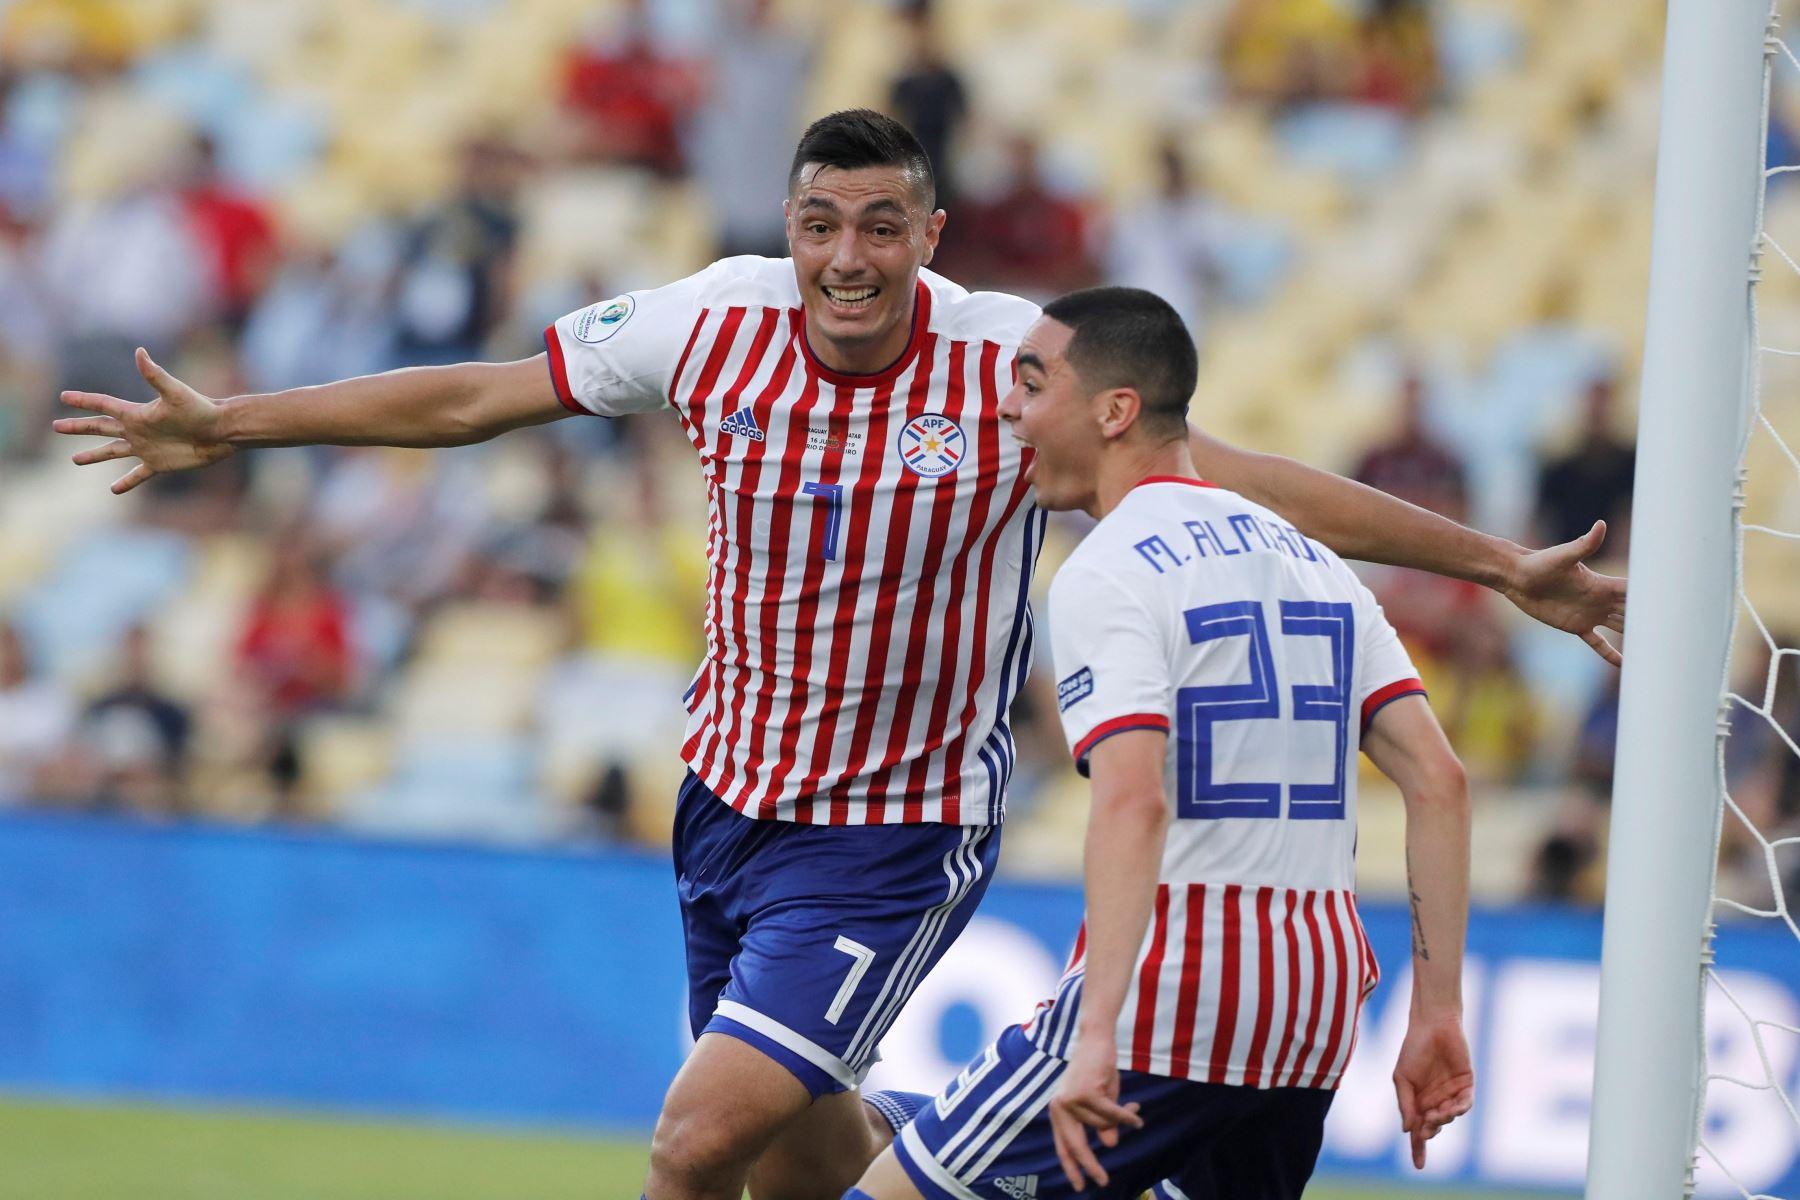 El jugador Oscar Cardozo (i) de Paraguay celebra un gol durante el partido Paraguay-Catar del Grupo B de la Copa América de Fútbol 2019, en el Estadio Maracanã de Río de Janeiro, Brasil. Foto: EFE